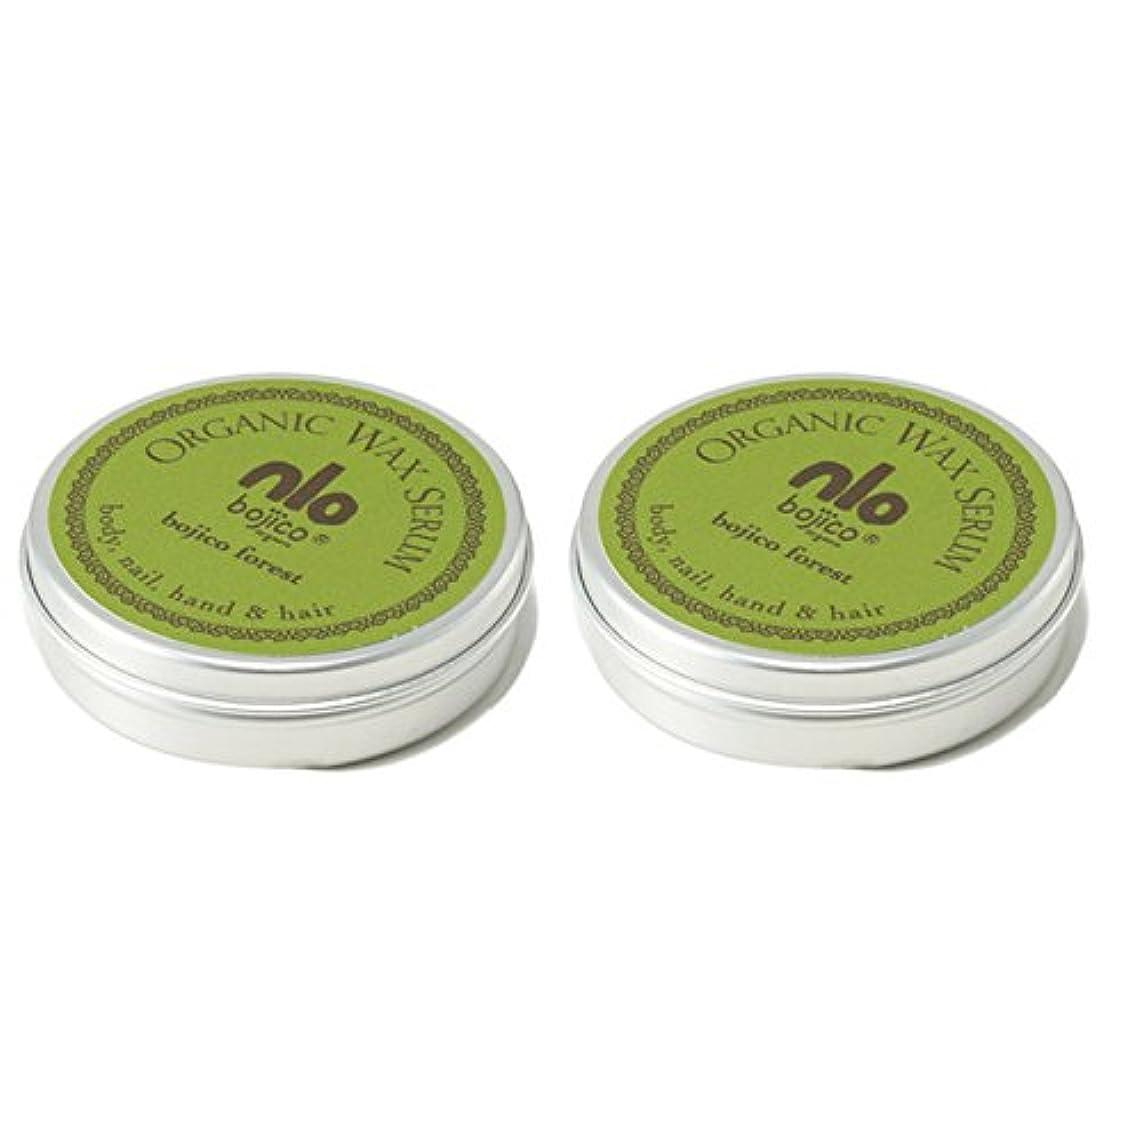 申し立てられたインチヨーグルト【40g×2個セット】 ボジコ オーガニック ワックス セラム <フォレスト> bojico Organic Wax Serum 40g×2